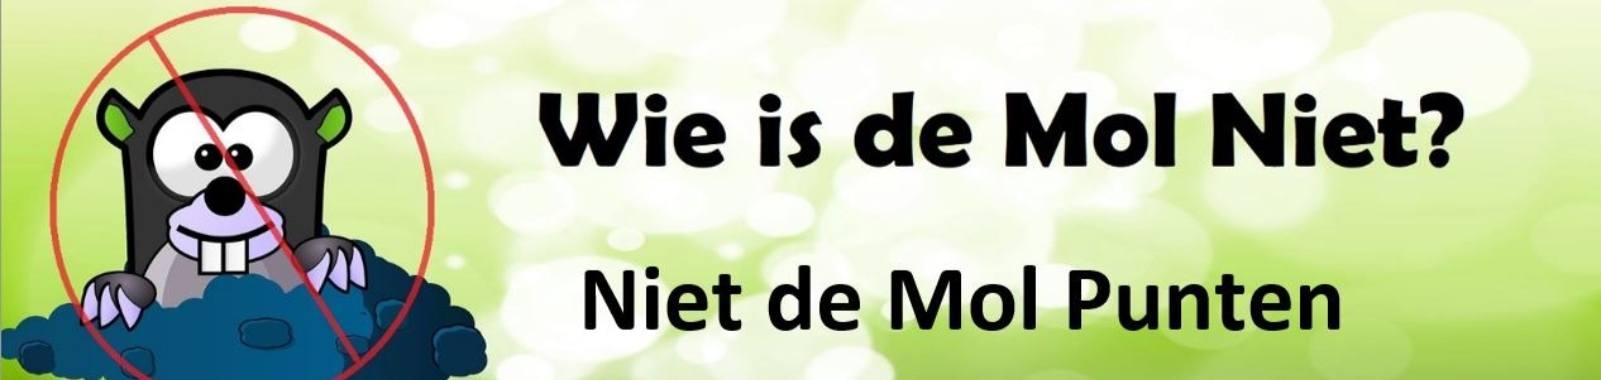 Het Niet de Molboekje #Mollenboekje #WIDM #WIDM2020 #WIDMN | Demolgaatnooitnaarhuis | WIDM | WIDM2020 | WIDMN | WIDM | Mollenboekje | WIDMN | WIDM2020